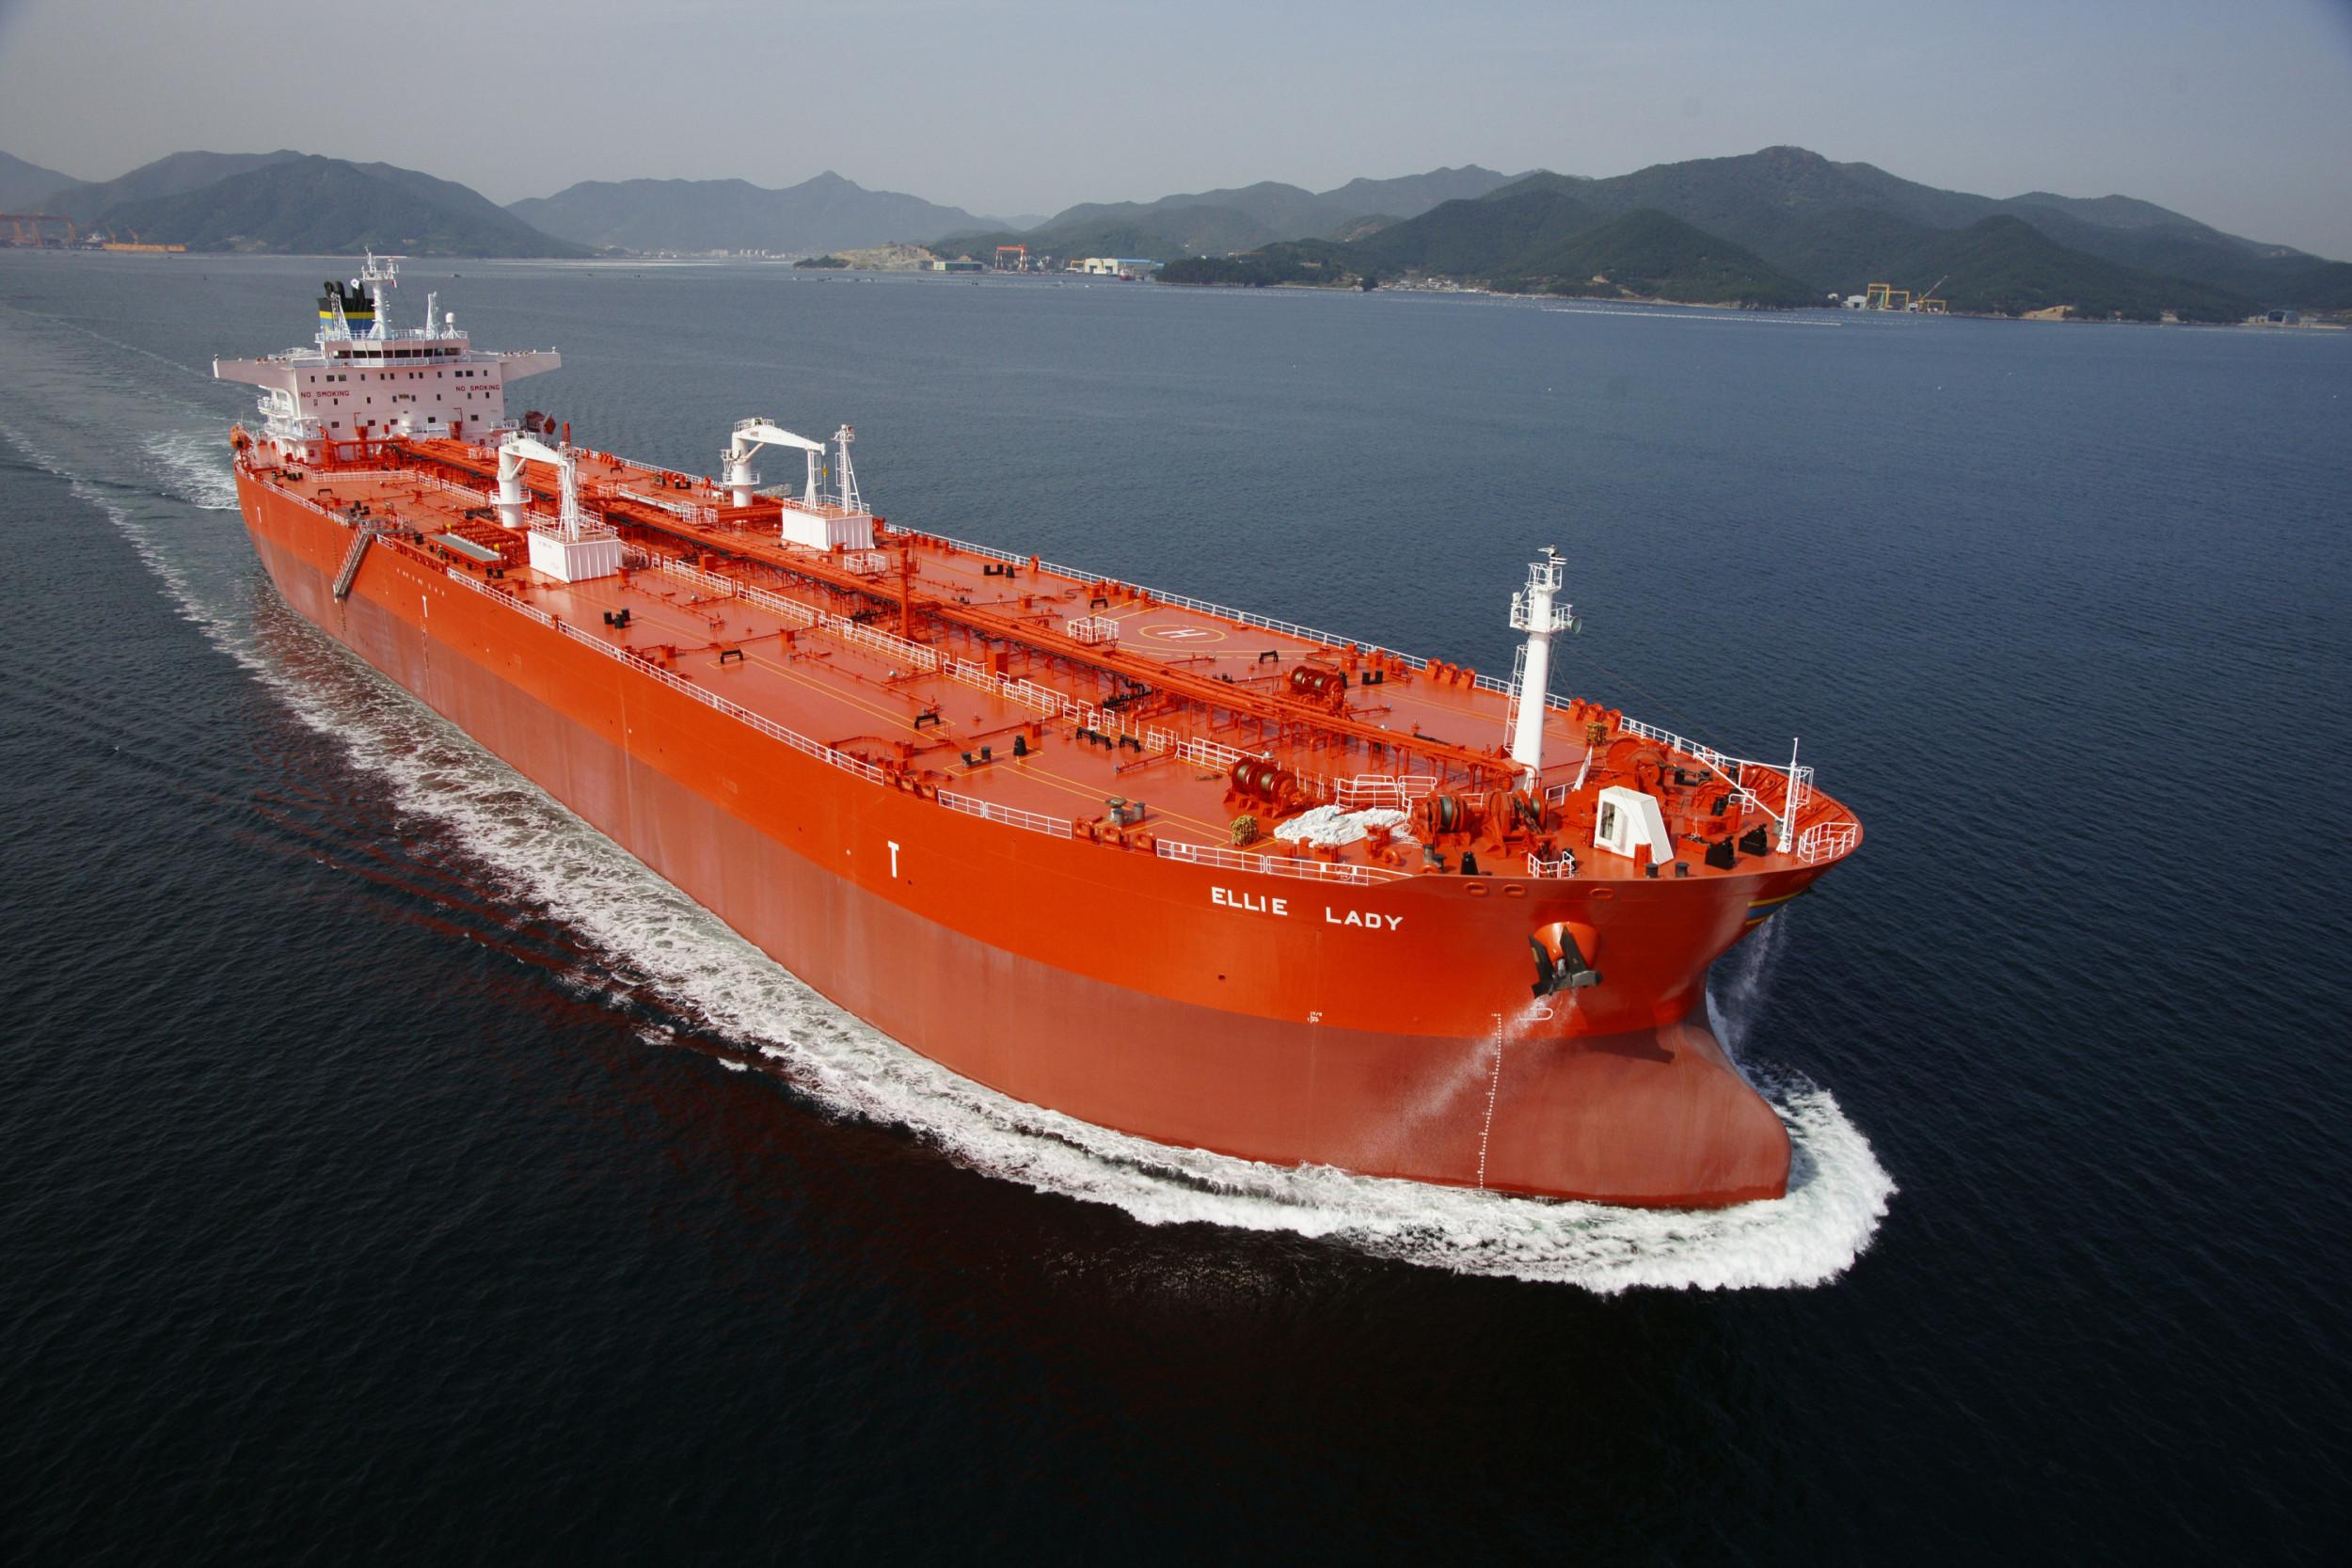 вакансии матроса на танкера этим согласен